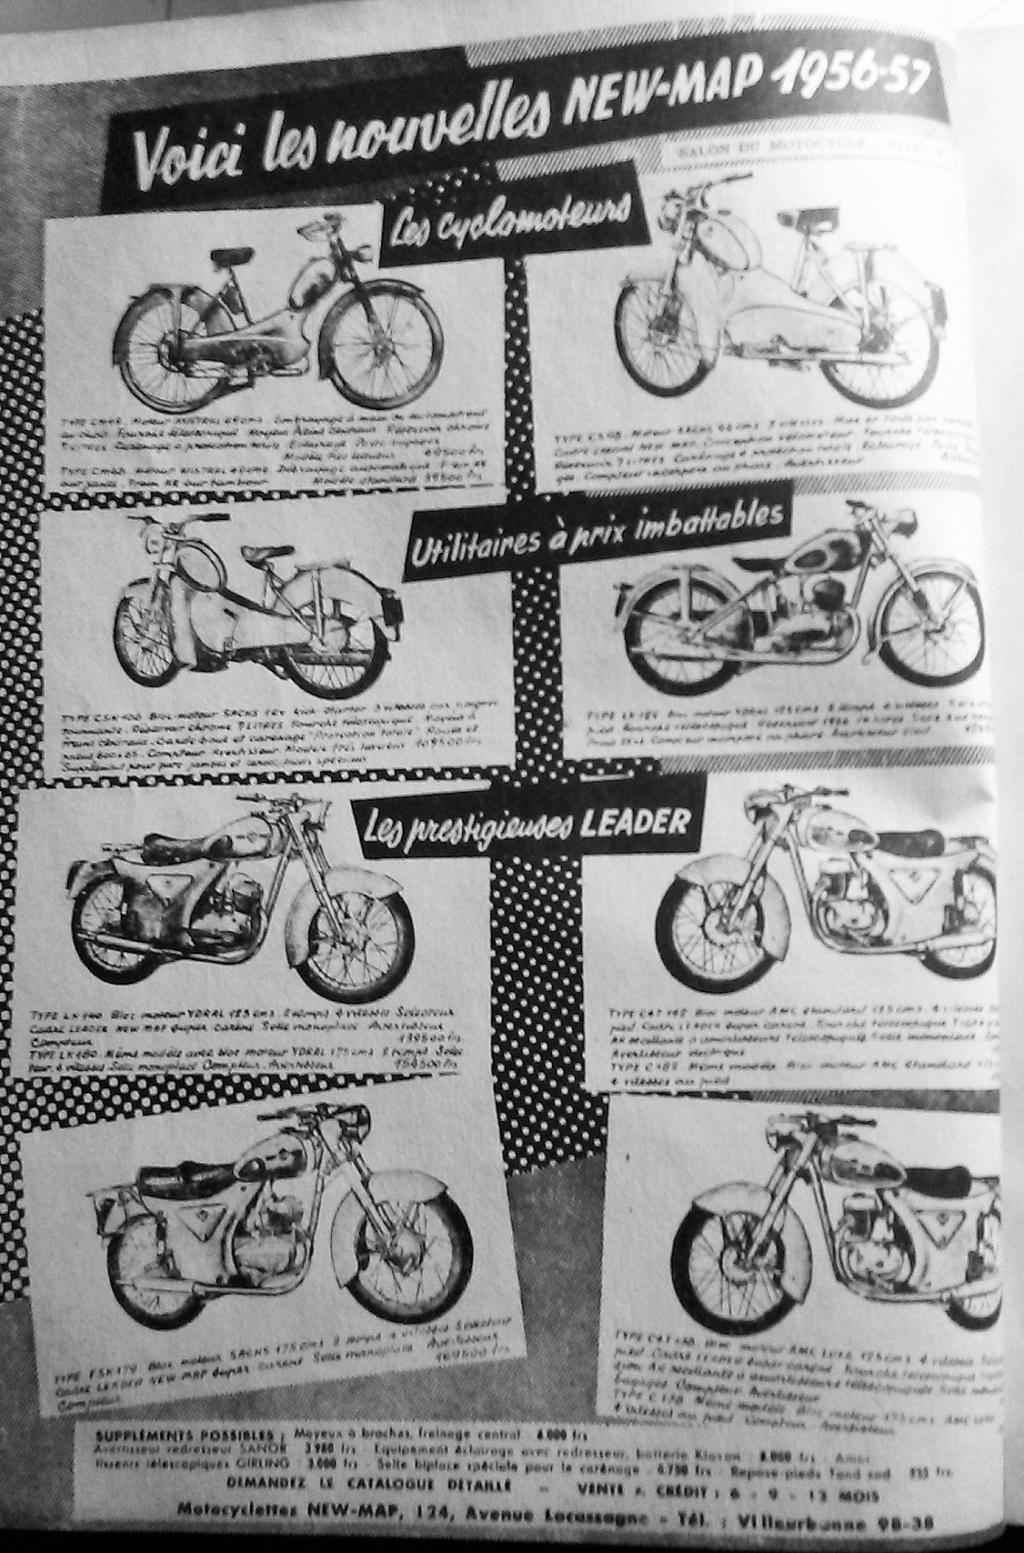 moto revue octobre 1956  03715